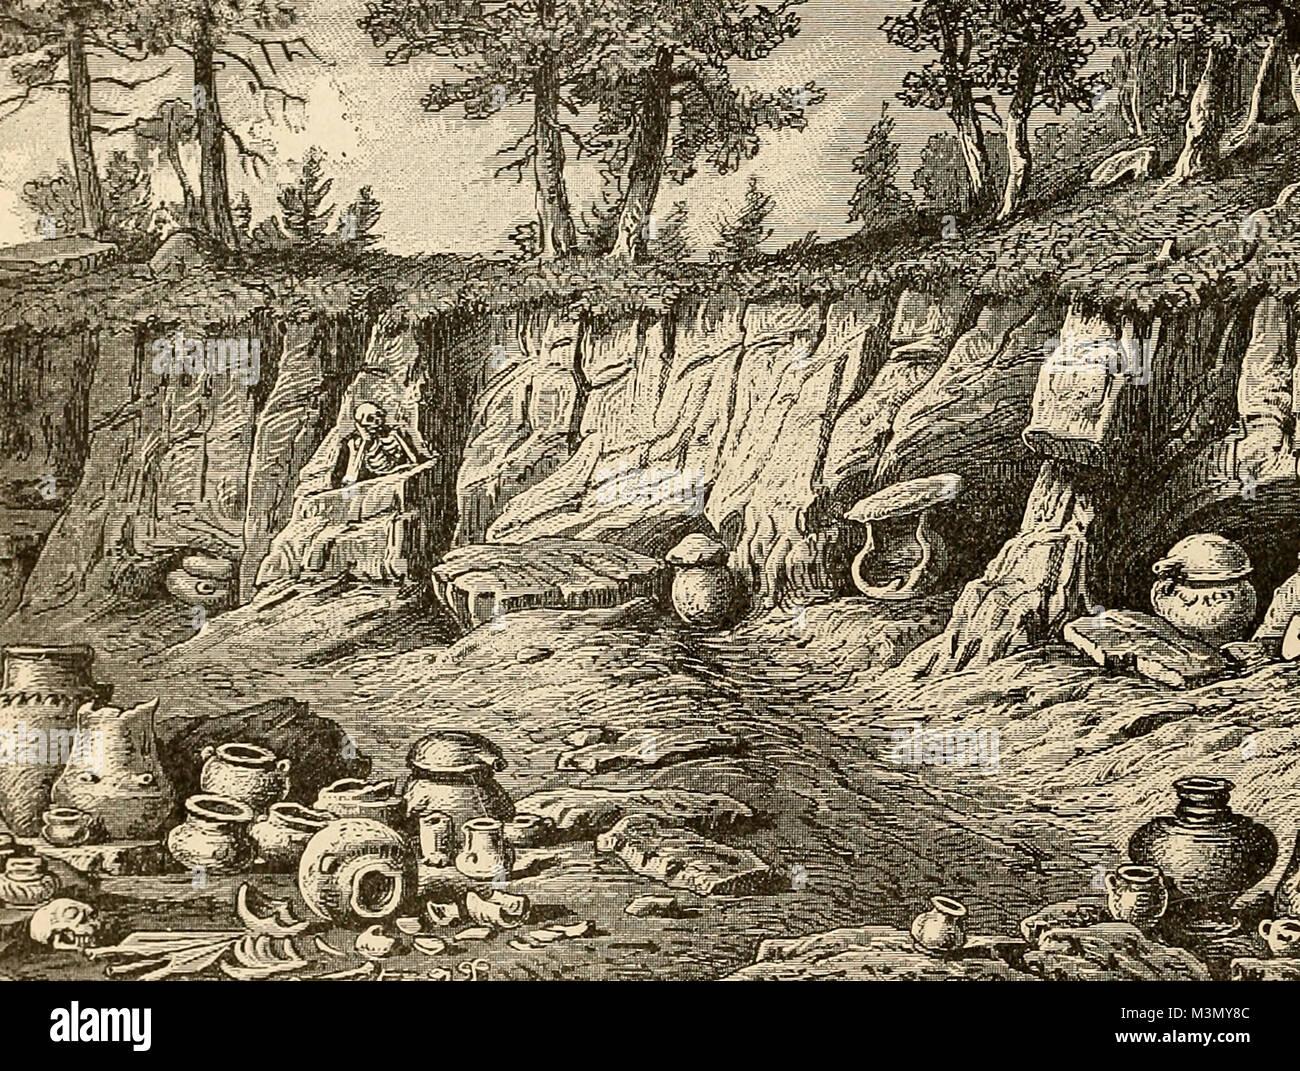 Cimitero di epoca preistorica del periodo quaternario, vicino Littai, in Carniola, Austria Immagini Stock